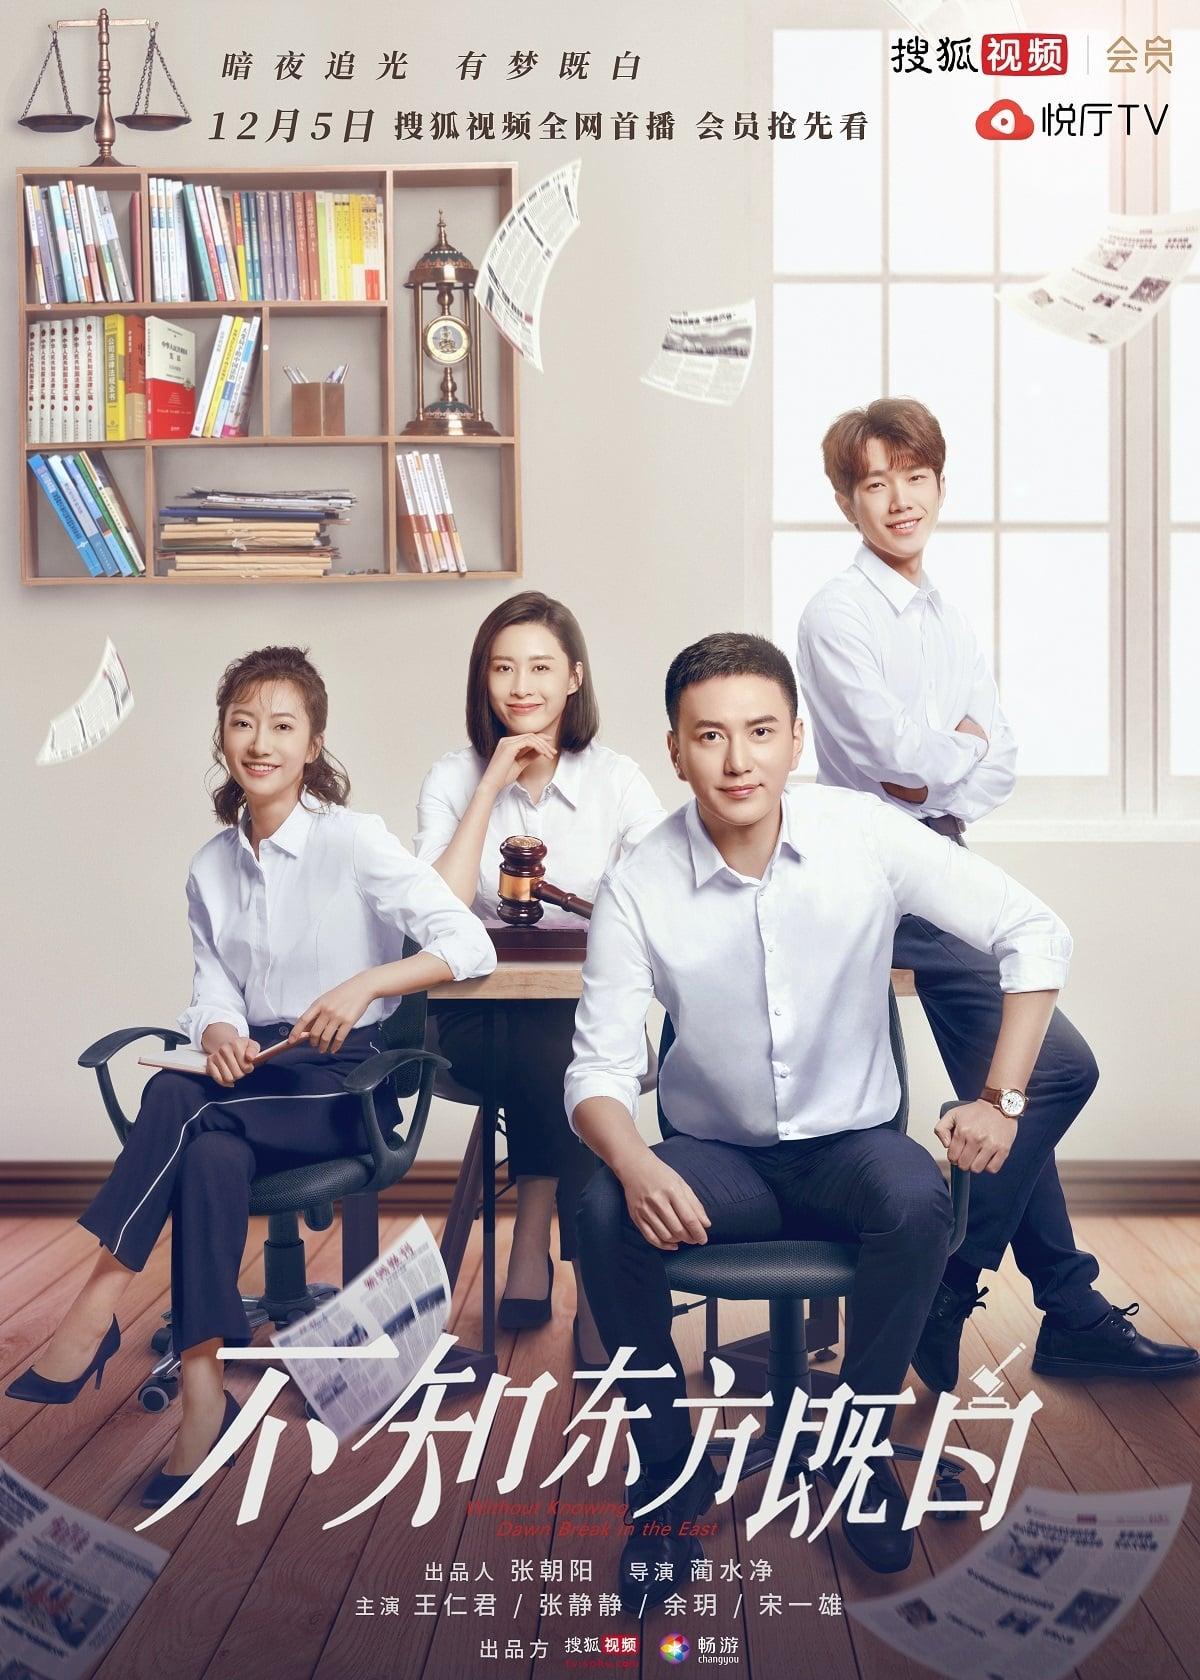 不知东方既白 (2019)